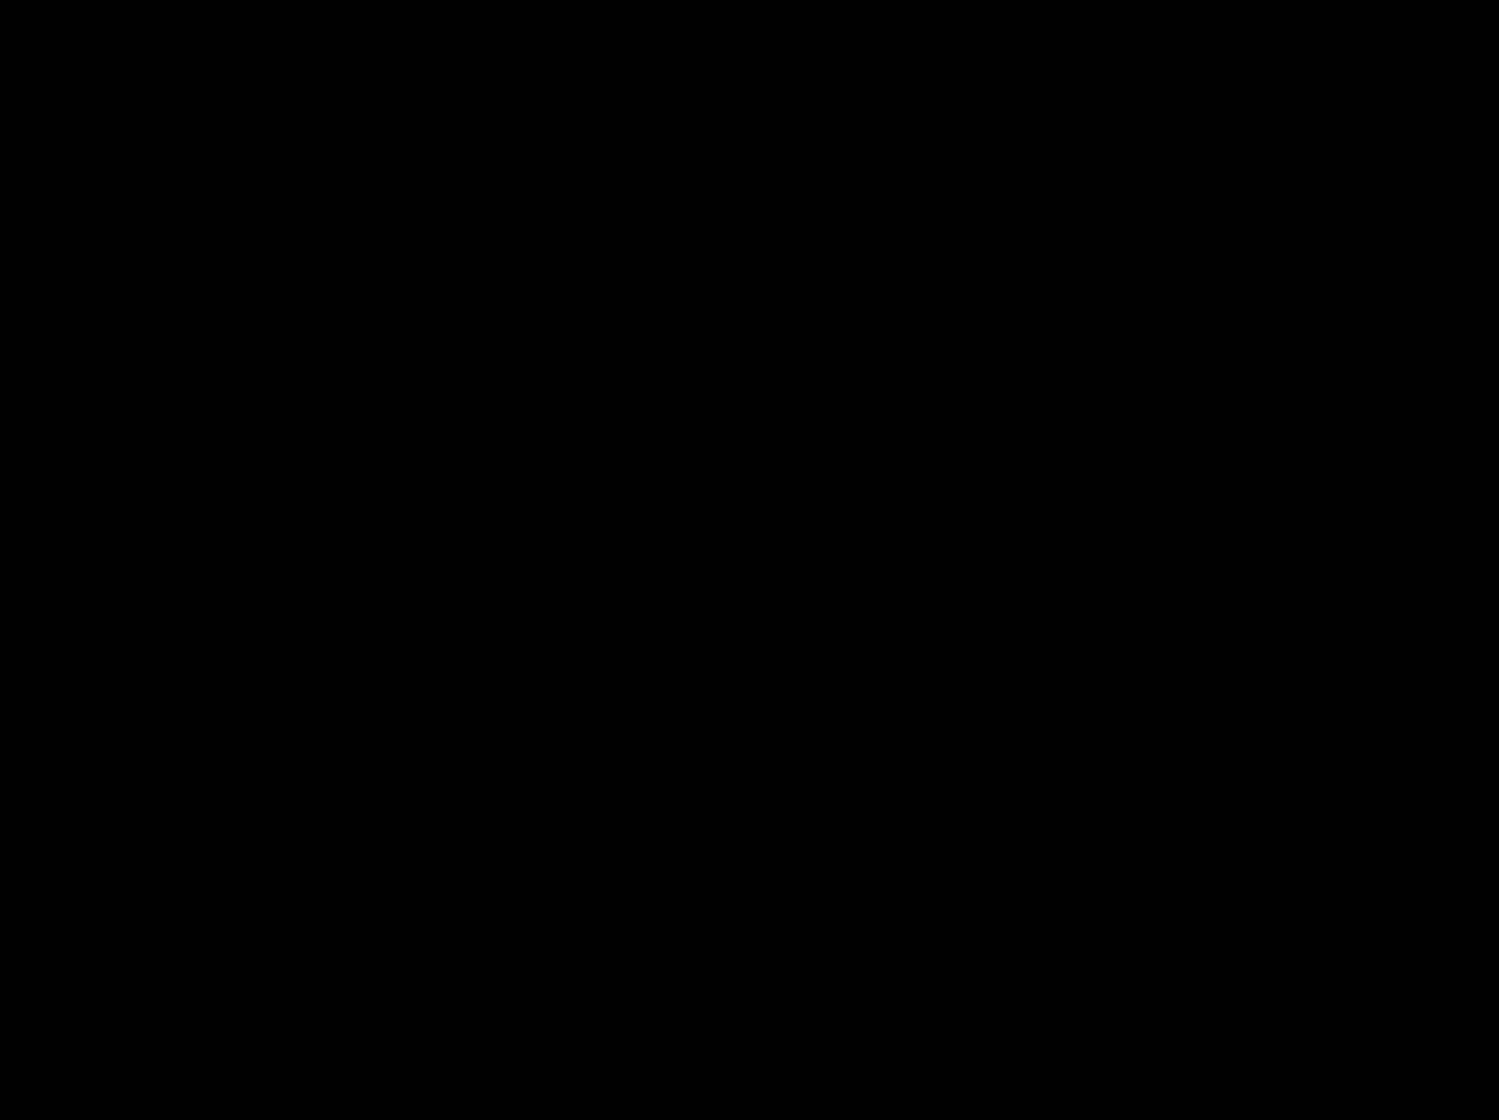 """TenVinilo. Vinilo Fortnite pared victoria real con nombre. Personaliza tu nombre en este vinilo Fortnite pared con el paisaje típico, la frase """"#1 victoria real"""" y tu nombre ¡Descuentos disponibles!"""